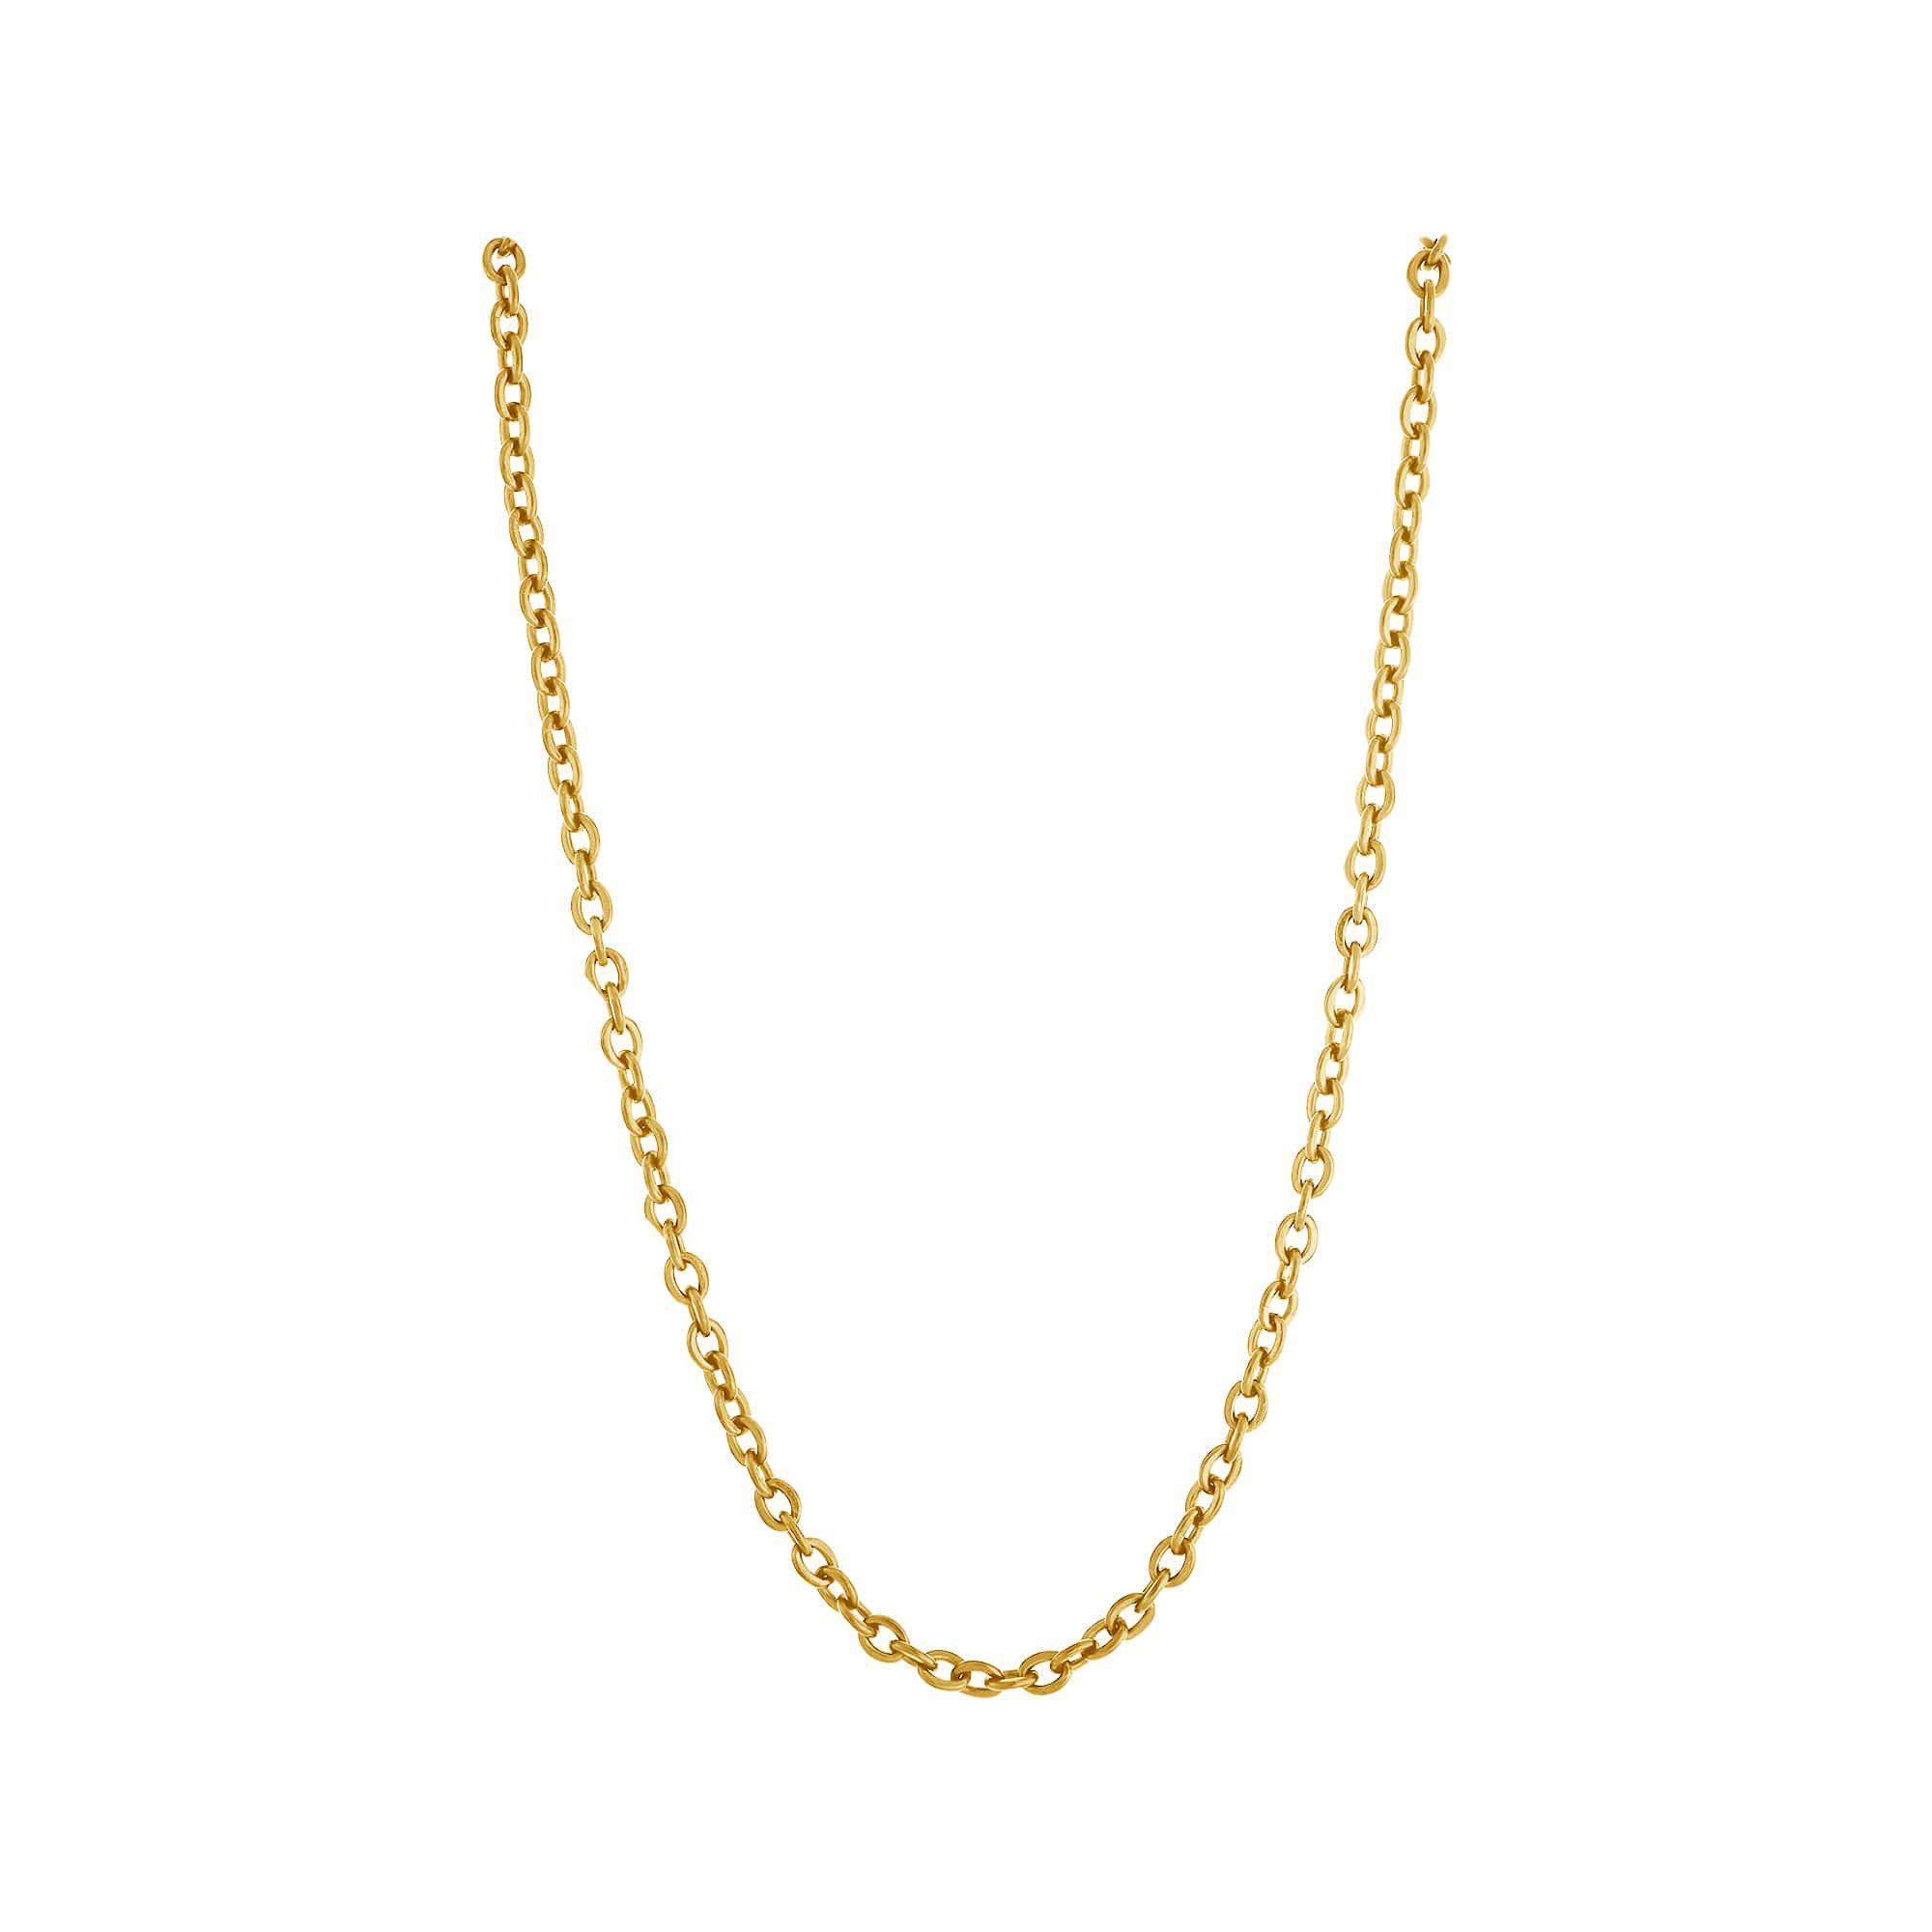 Corrente Aço Dourado (IPG) Cartier Elos Ovais Dourado 70cm 2830170